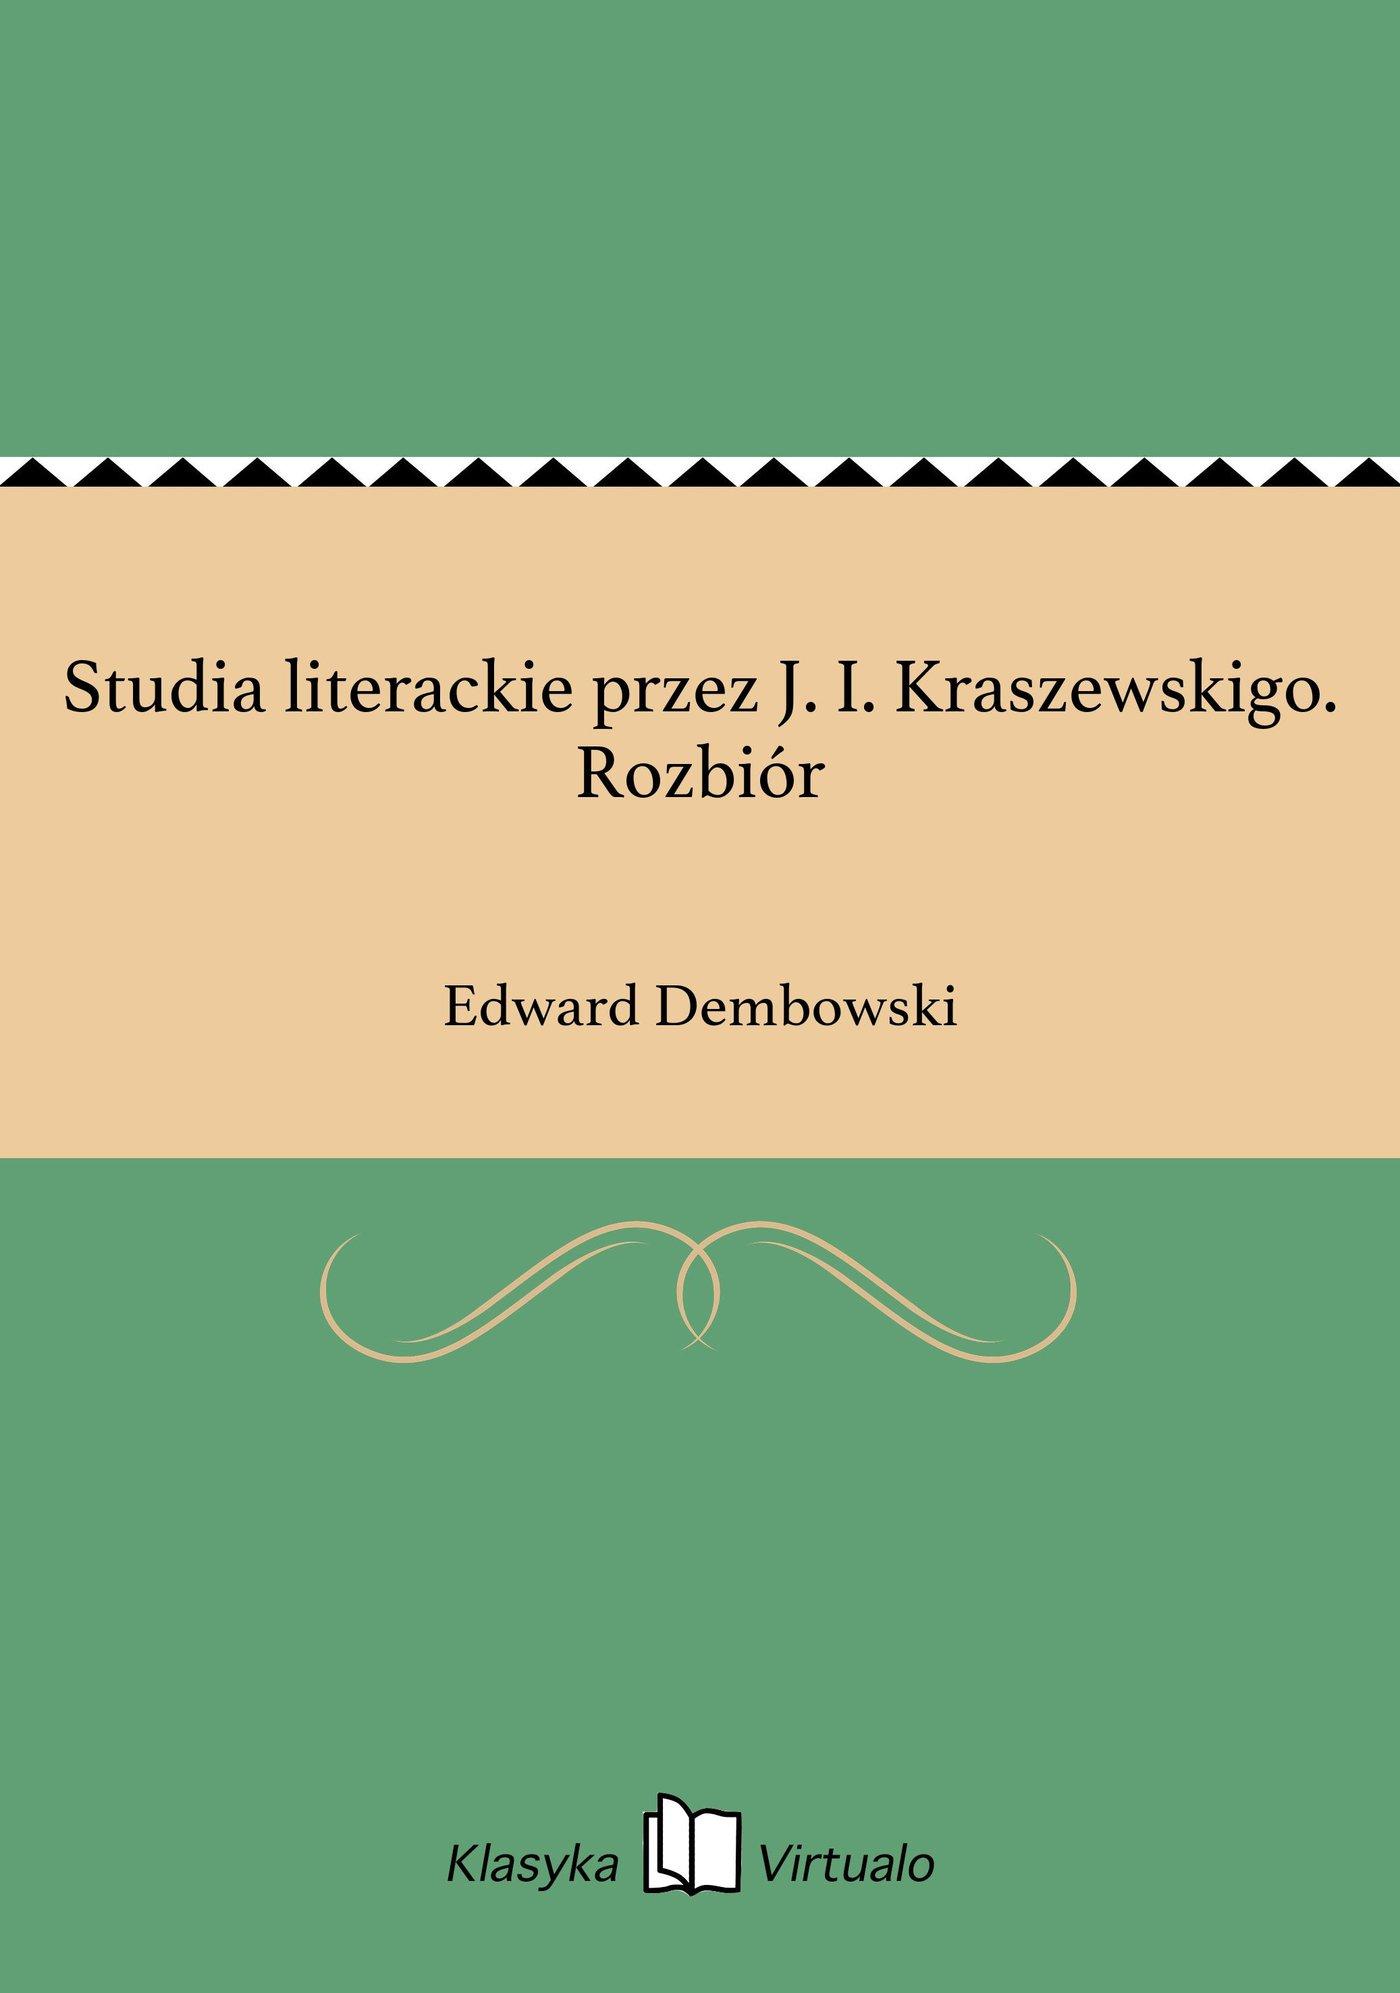 Studia literackie przez J. I. Kraszewskigo. Rozbiór - Ebook (Książka EPUB) do pobrania w formacie EPUB